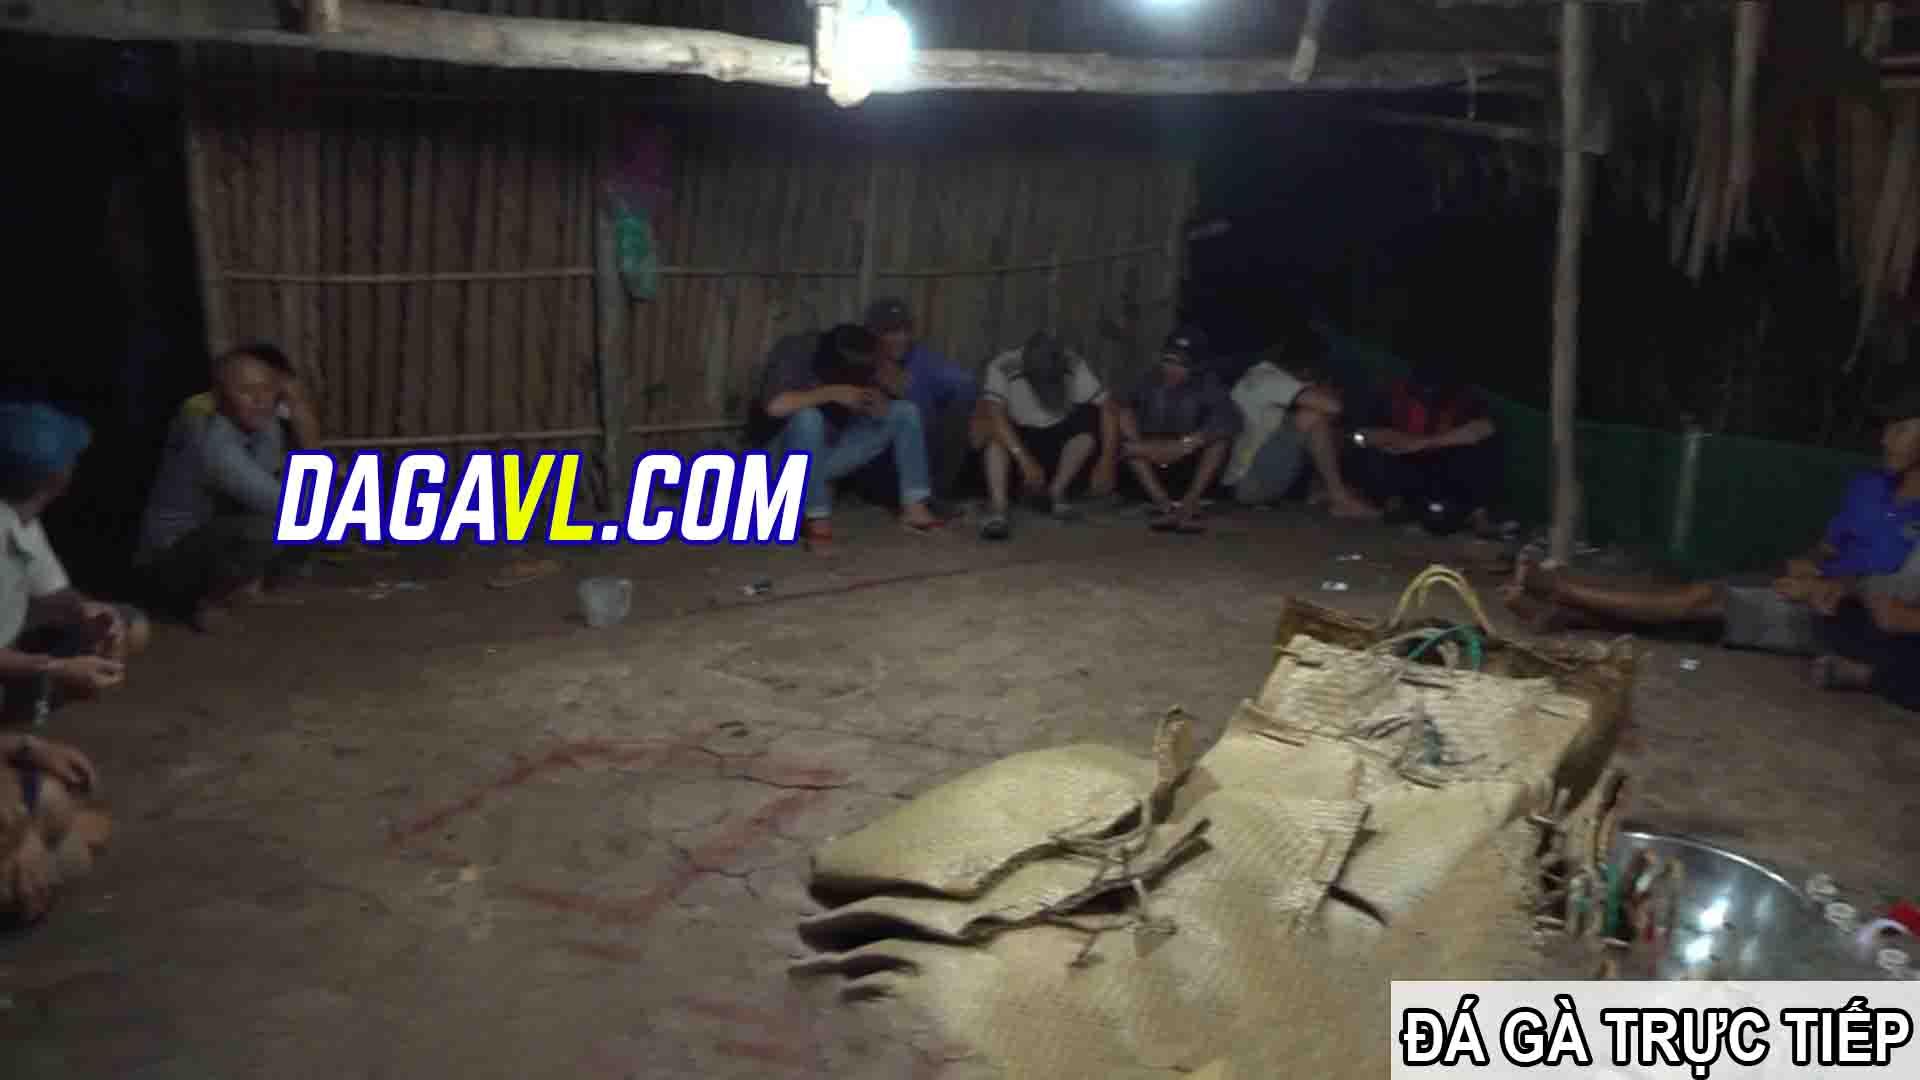 DAGAVL.COM - đá gà trực tiếp. Bắt 31 đối tượng đá gà ăn tiền tại Tân Lập